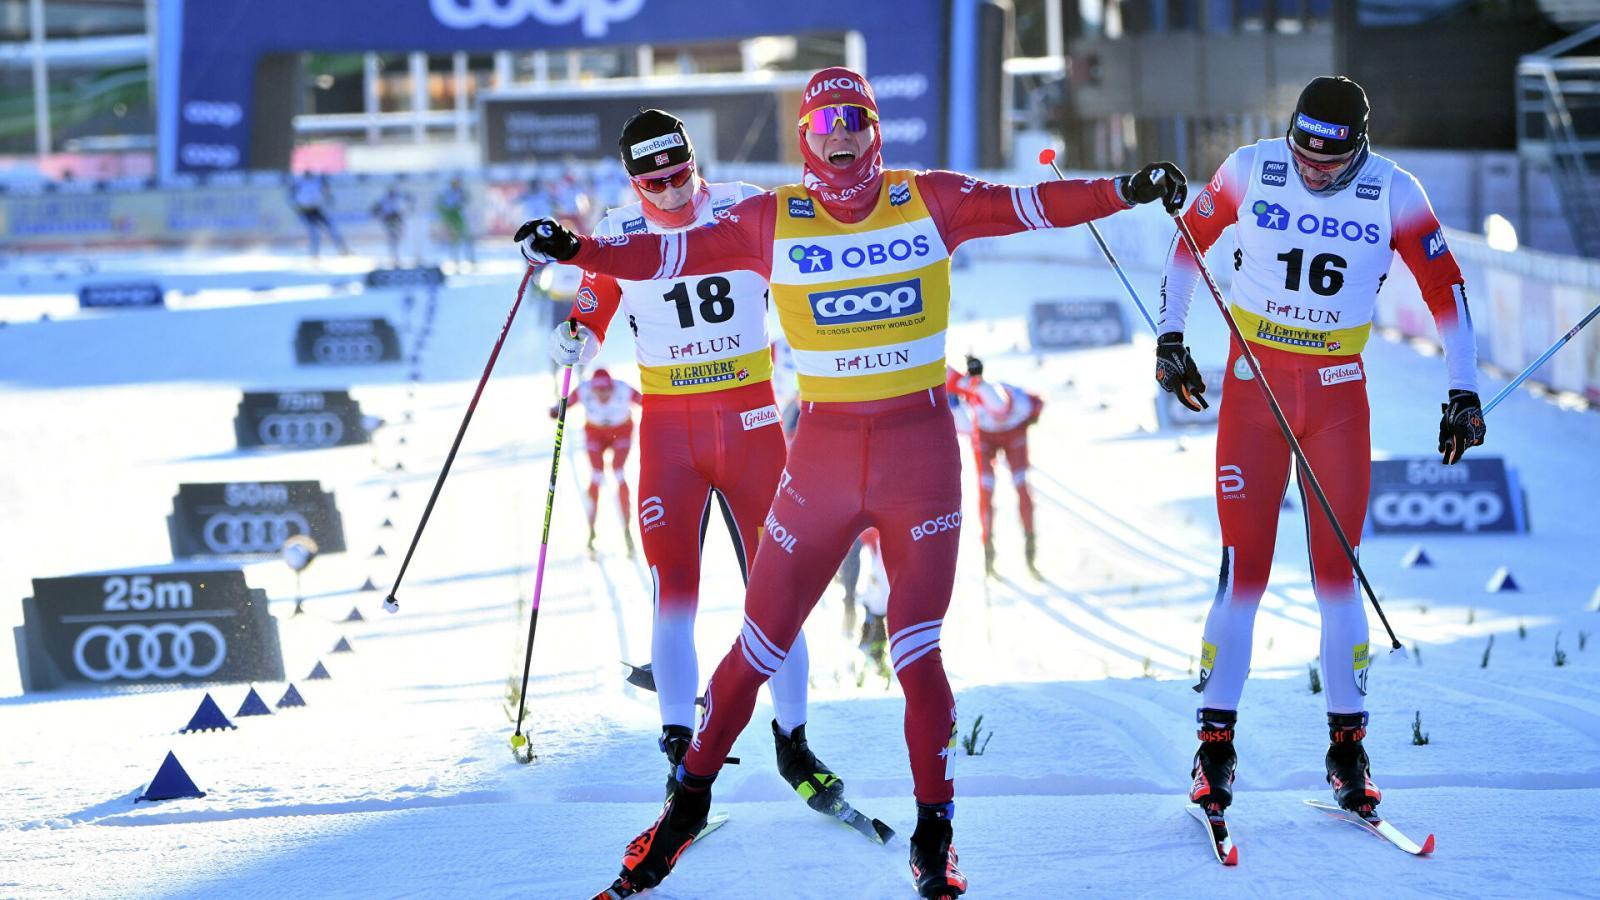 Брянский лыжник Большунов выиграл индивидуальную гонку на этапе Кубка мира в Фалуне после скандала